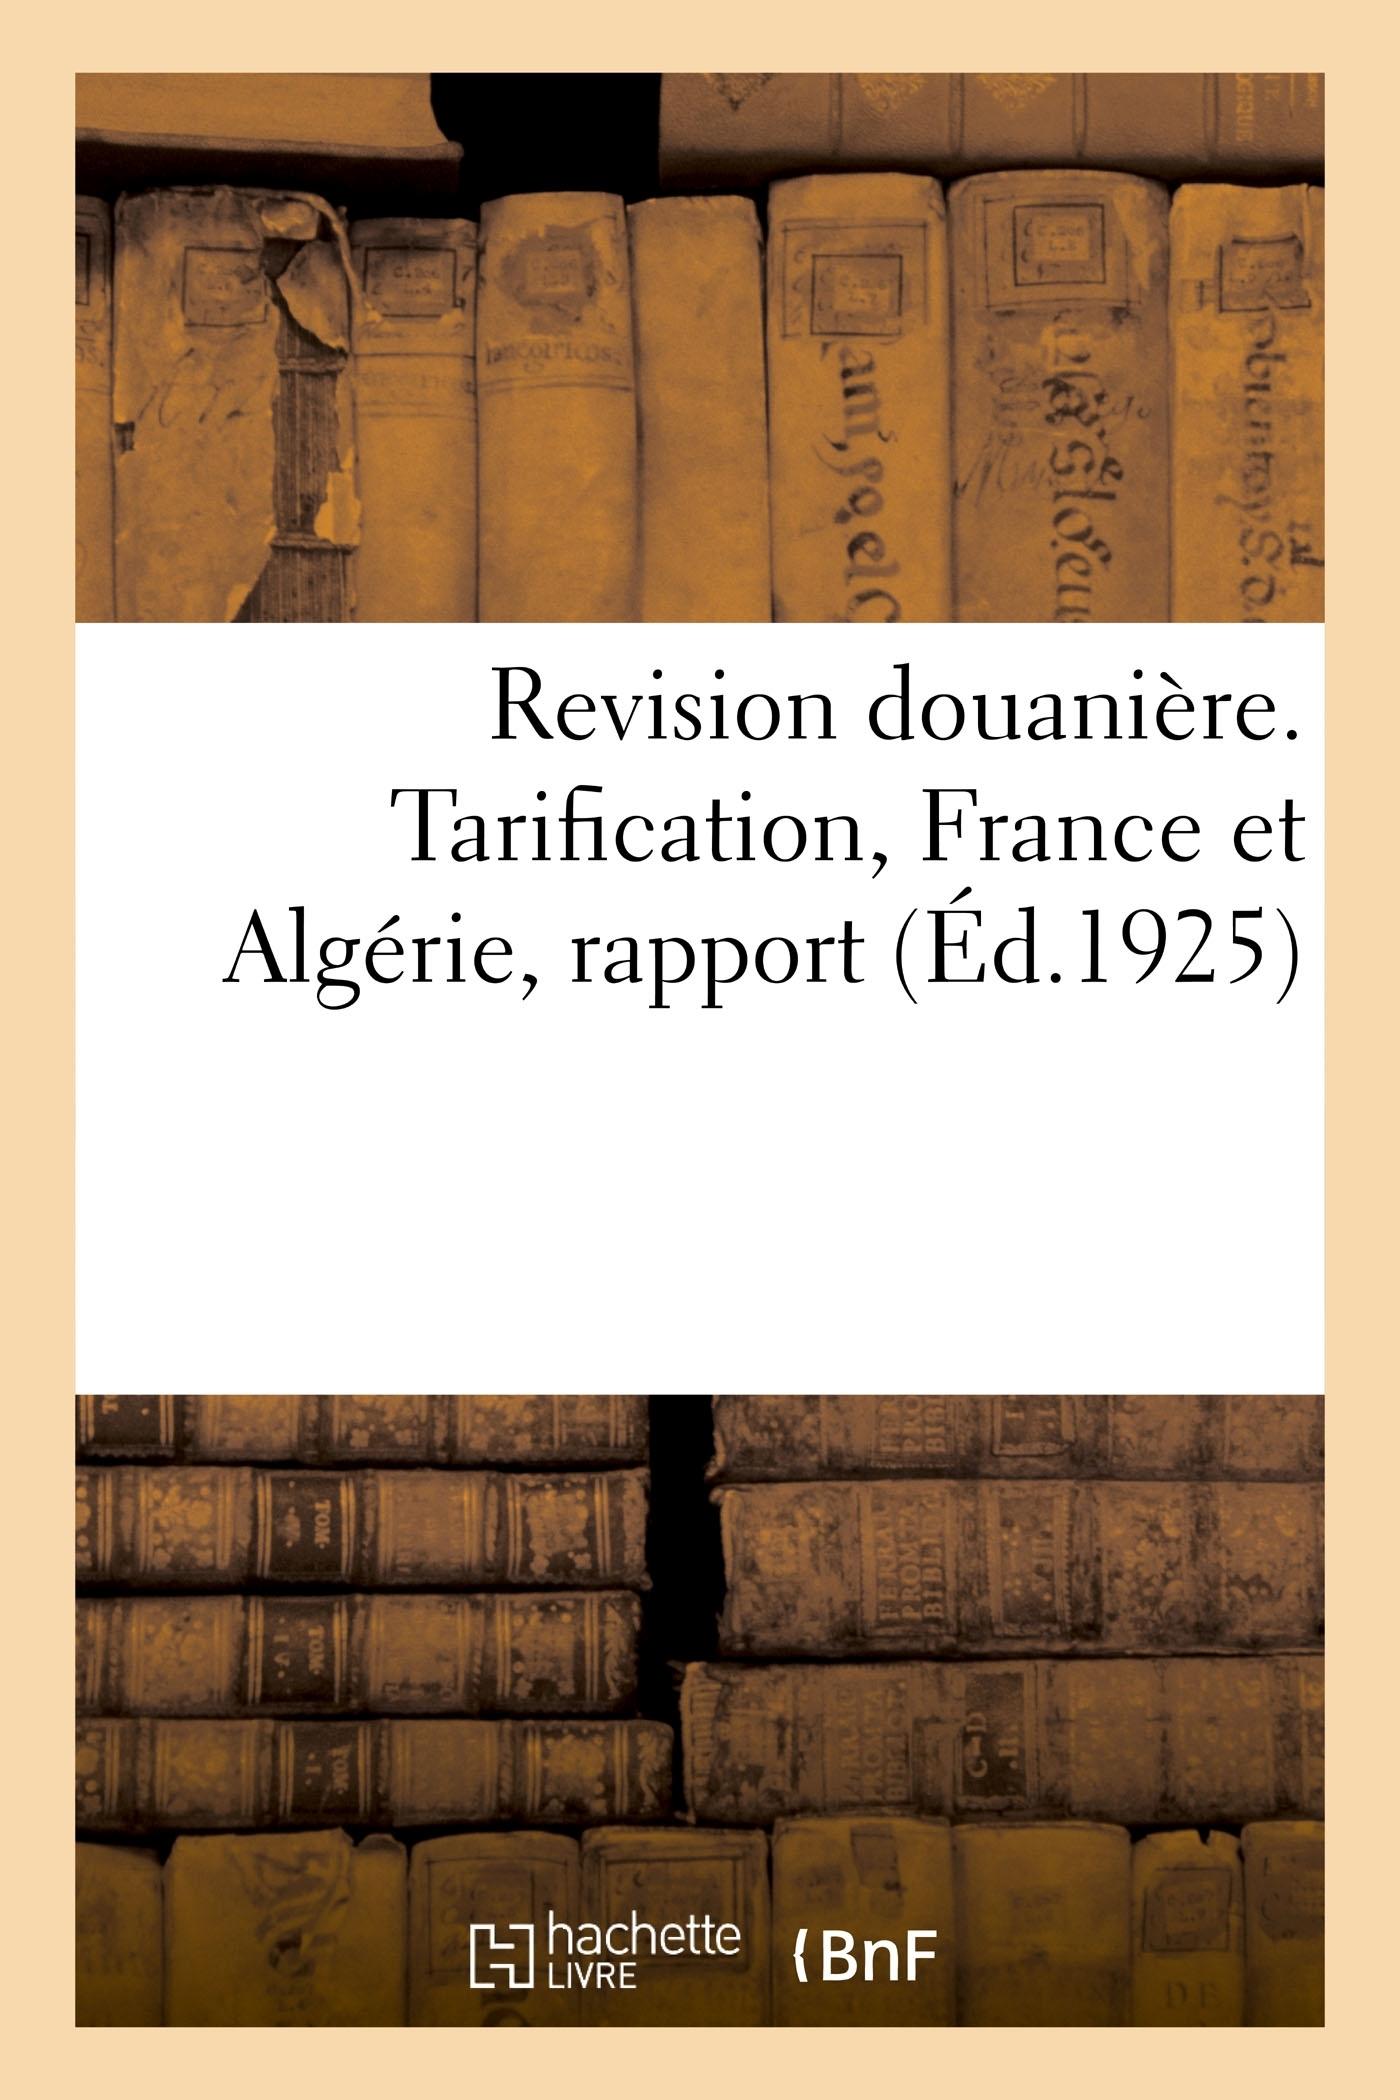 REVISION DOUANIERE. TARIFICATION, FRANCE ET ALGERIE, RAPPORT - DE LA COMMISSION DE LEGISLATION ET DE